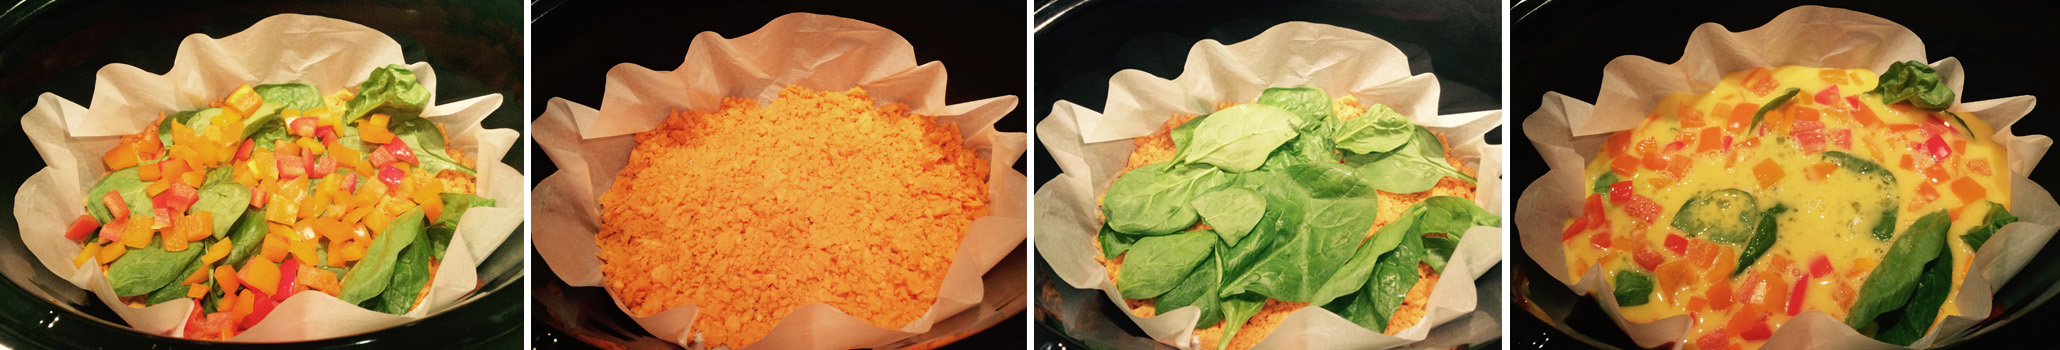 Veggie Frittata Prep